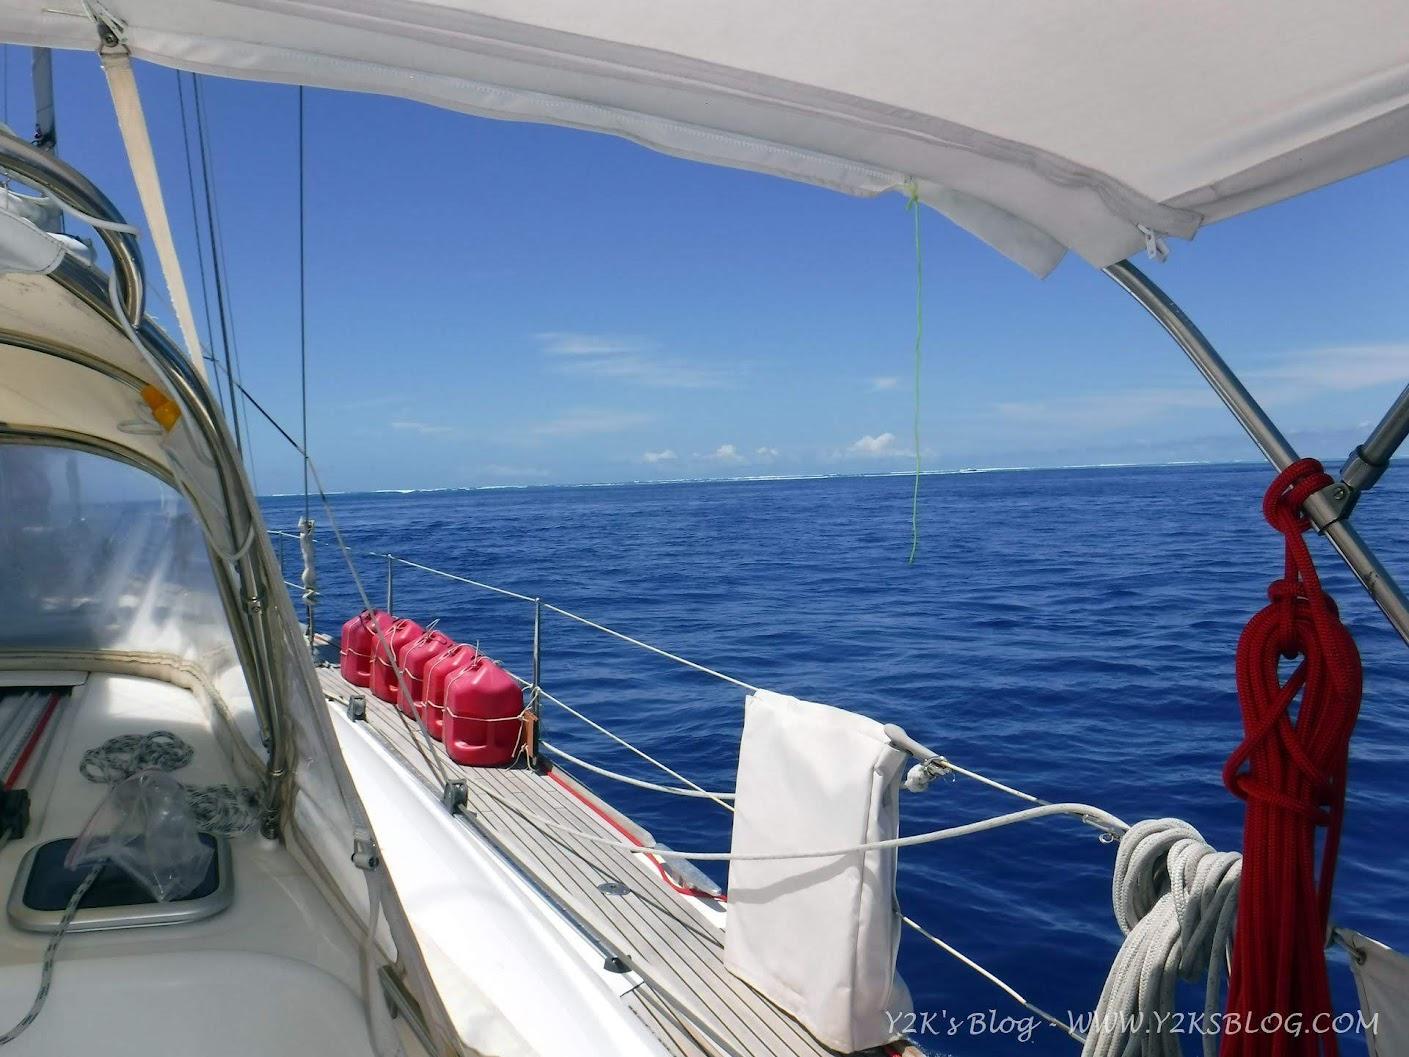 Ci allineiamo per entrare - Beveridge Reef